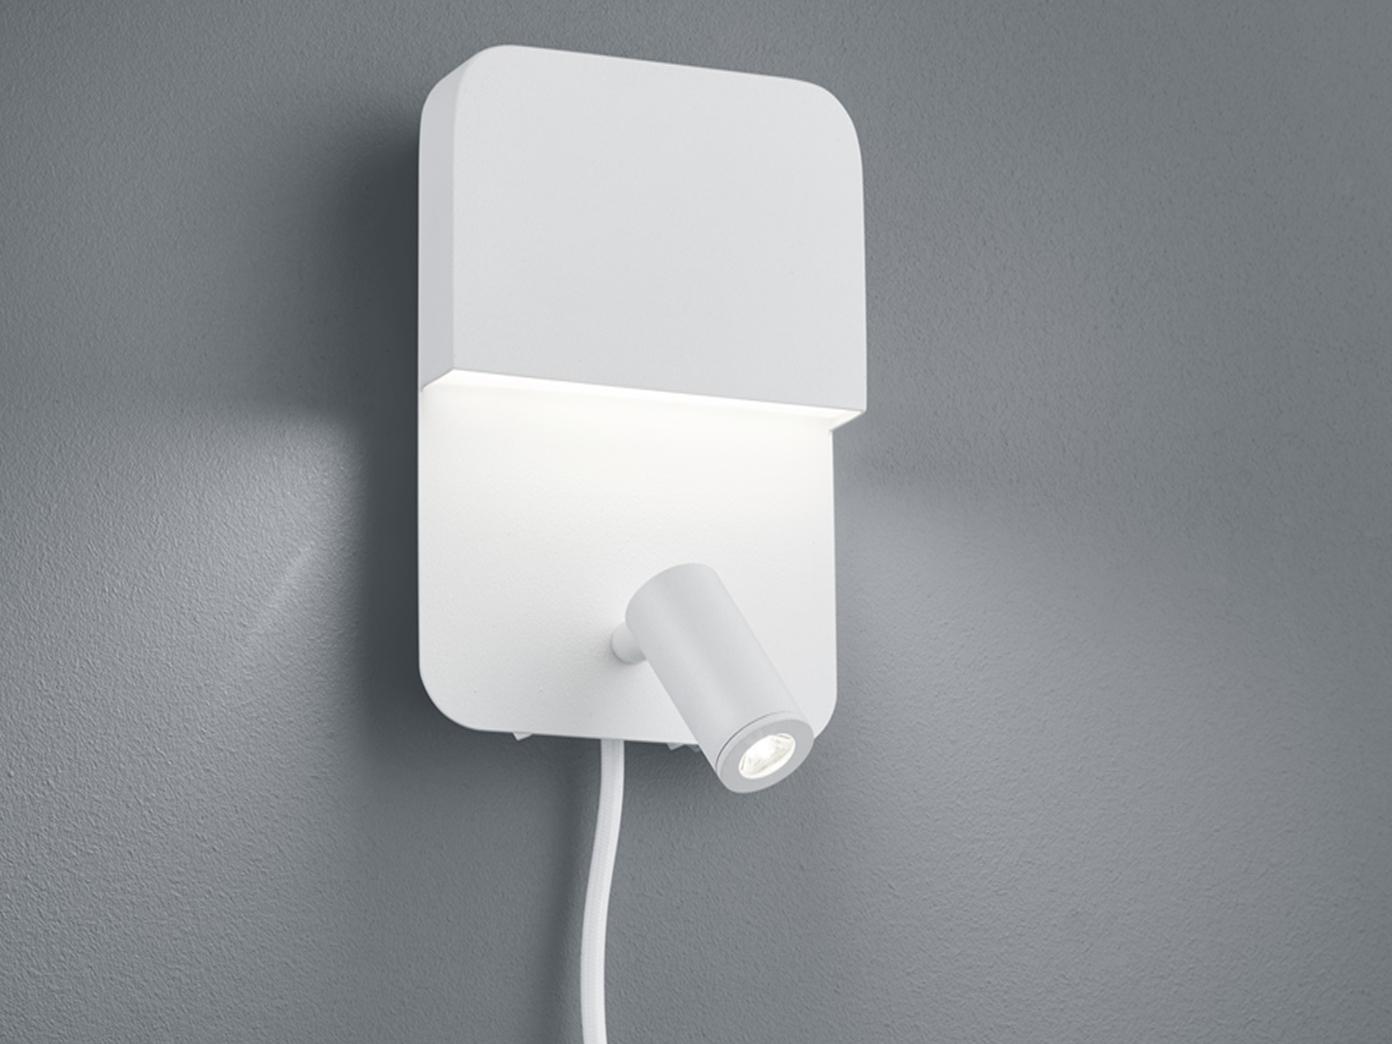 Getrennt schaltbare LED Wandleuchte für Innen mit Spot & Schalter, matt weiß, A   Authentisch